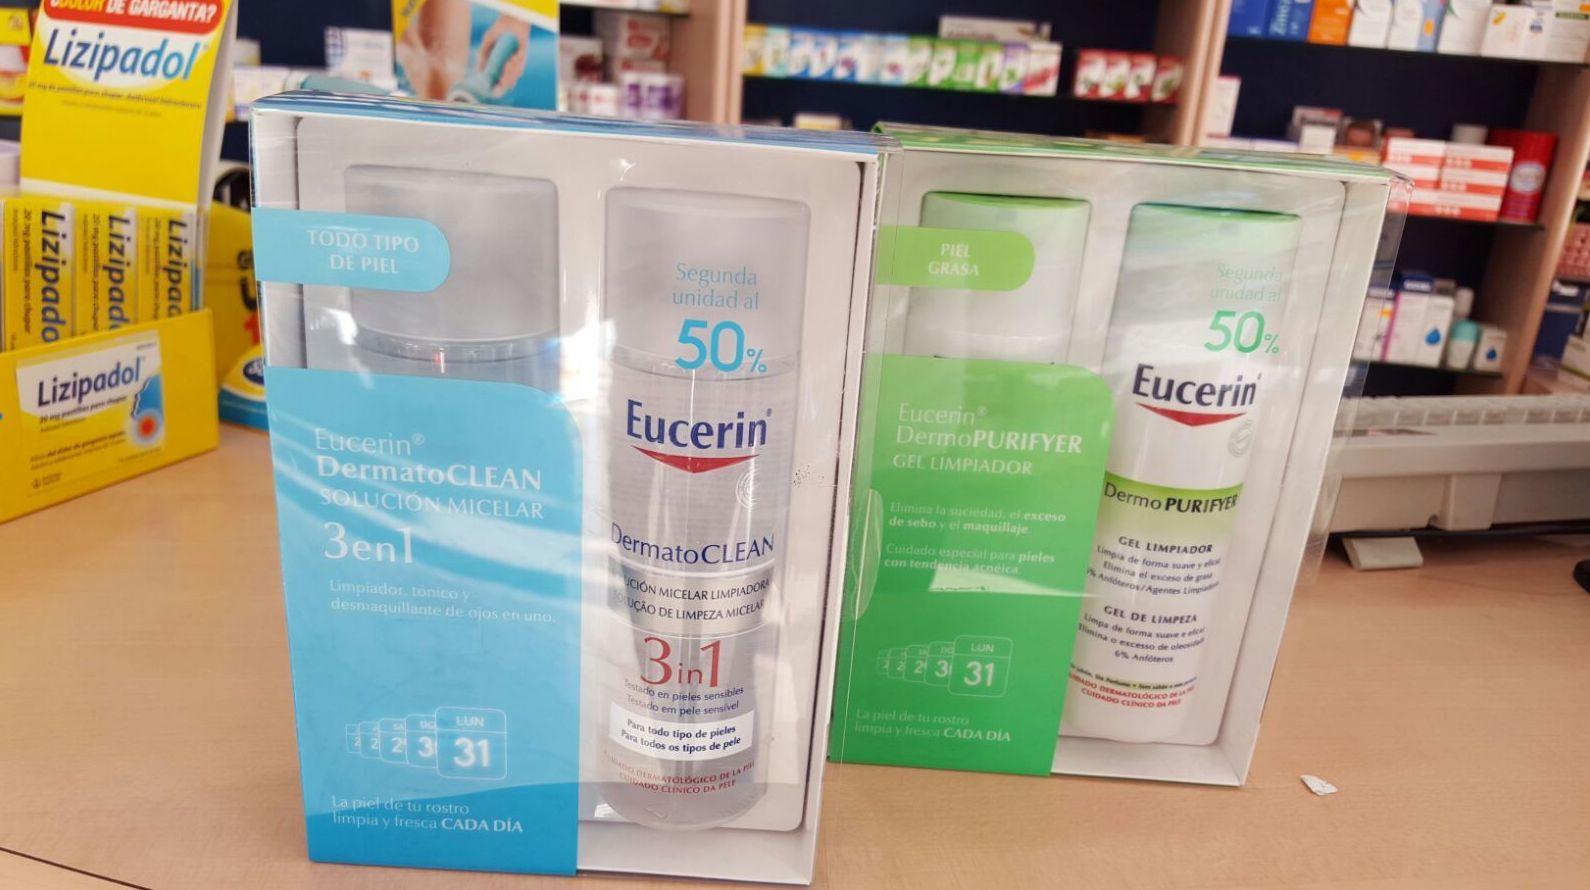 Eucerin DermatoClean 3 en 1 y Eucerin purifyer : Productos y Promociones de Farmacia Lucía